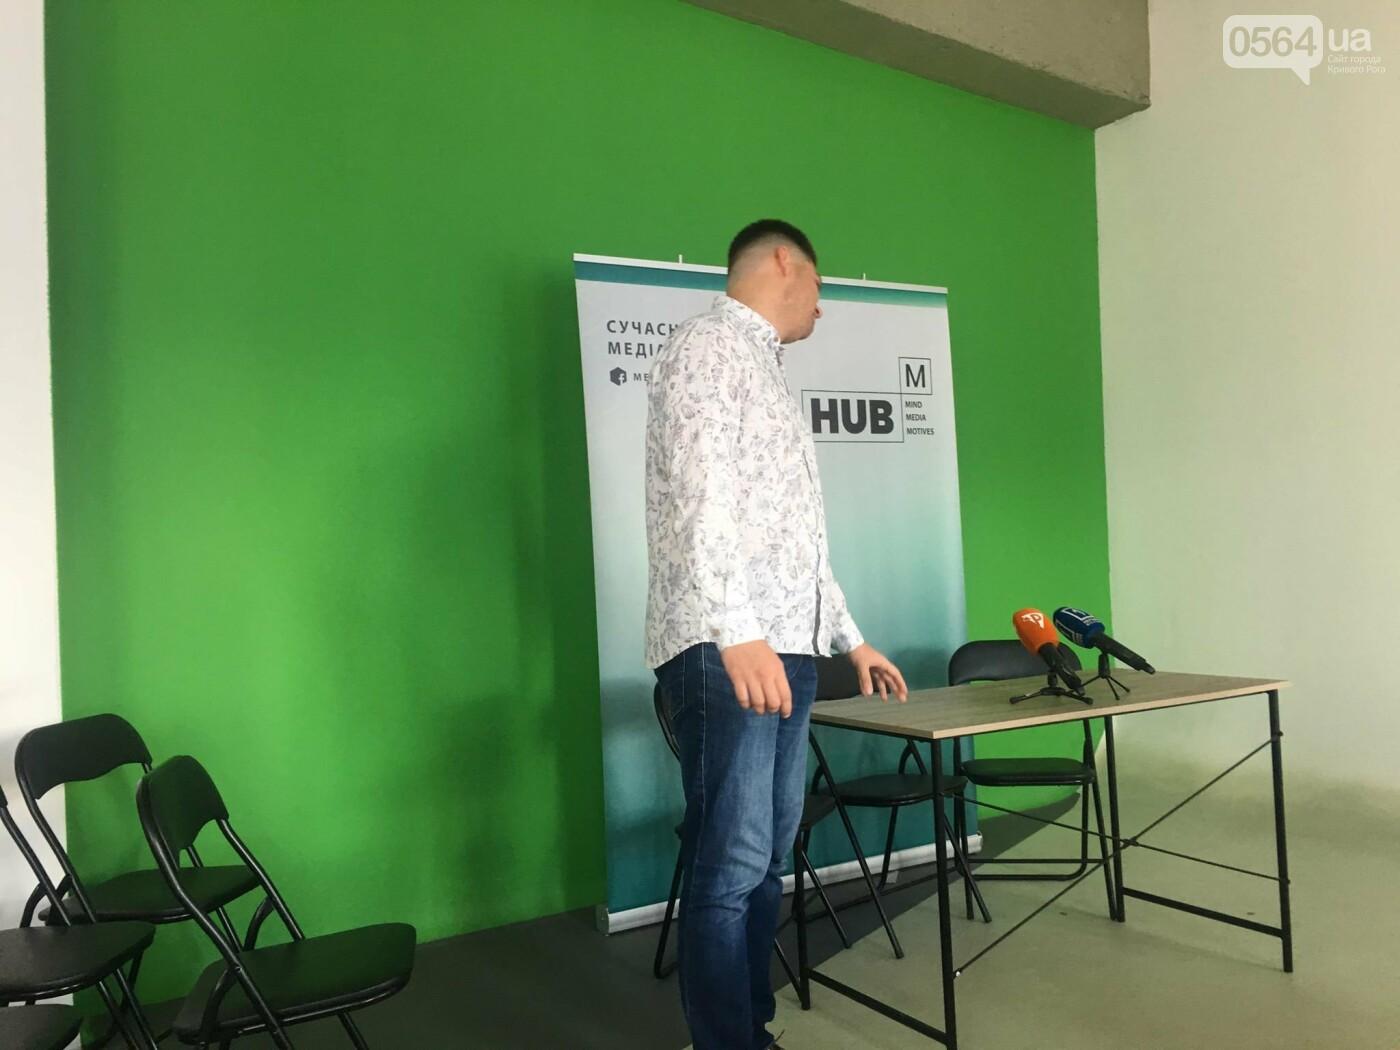 """В Кривом Роге презентовали онлайн-платформу """"Господарі"""", - ФОТО, ВИДЕО , фото-7"""